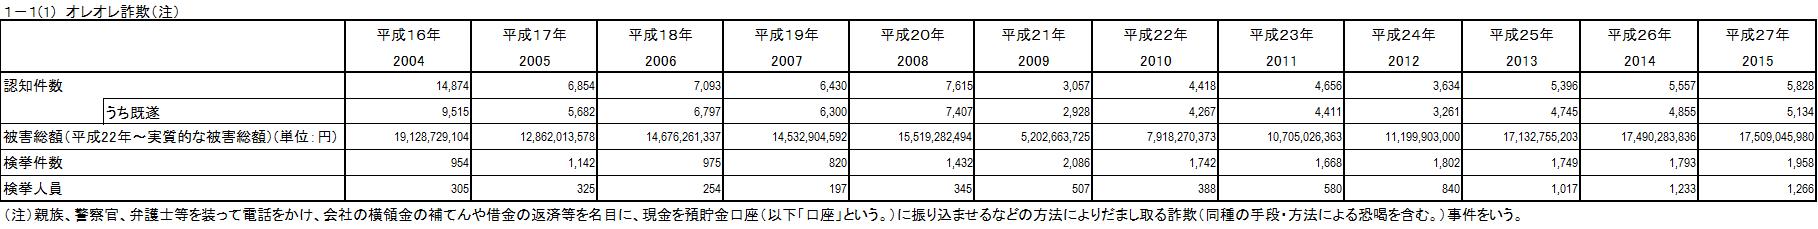 1-1(1)オレオレ詐欺(注)